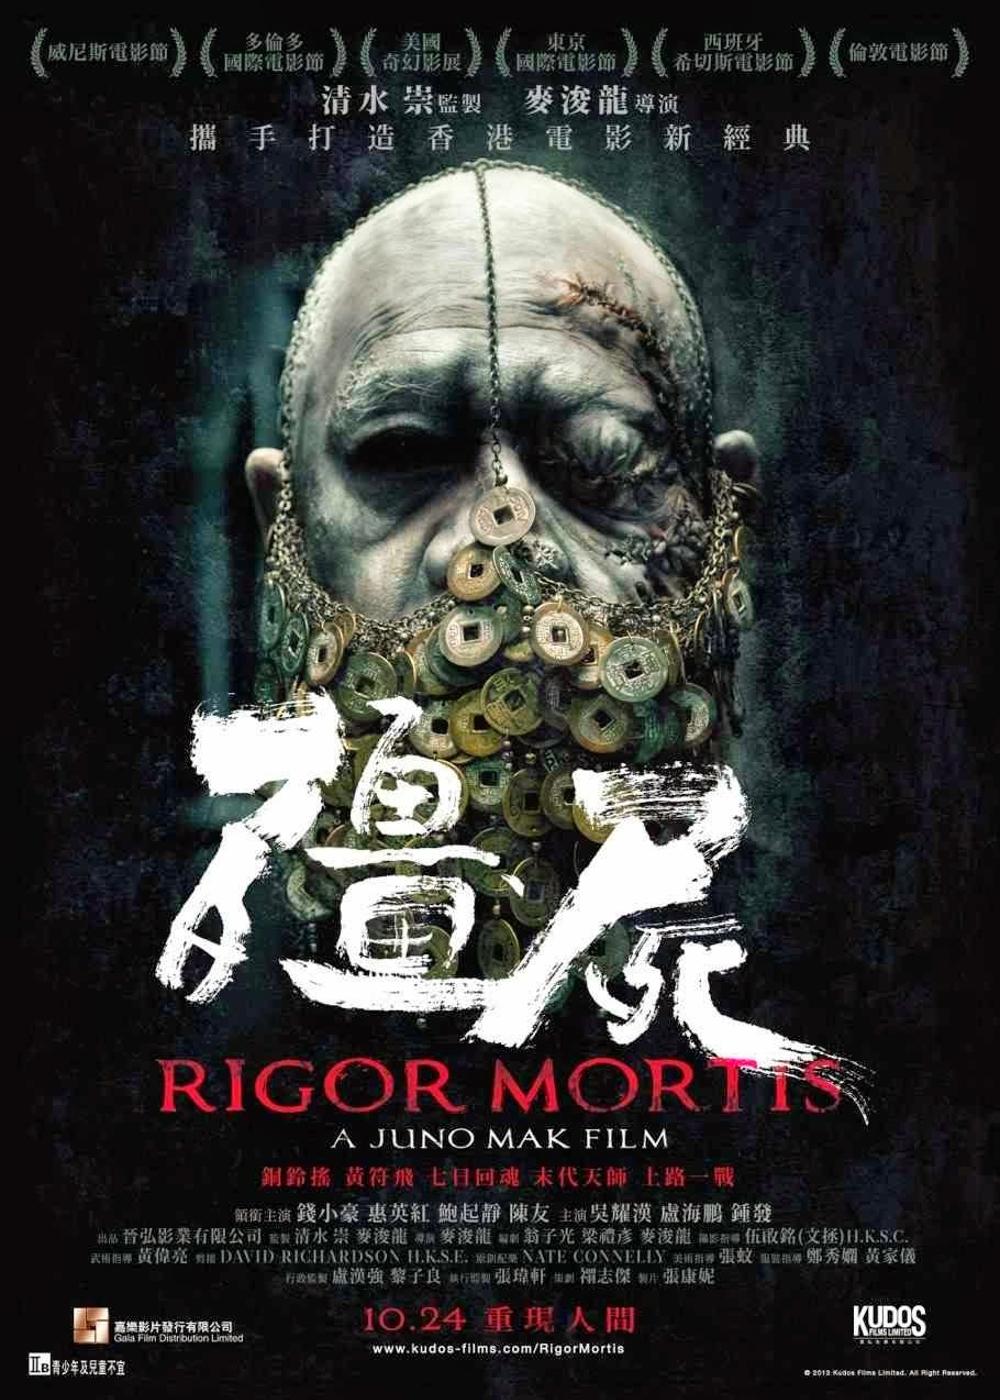 [RECENSIONE] Il Cacciatore di vampiri – Rigor Mortis